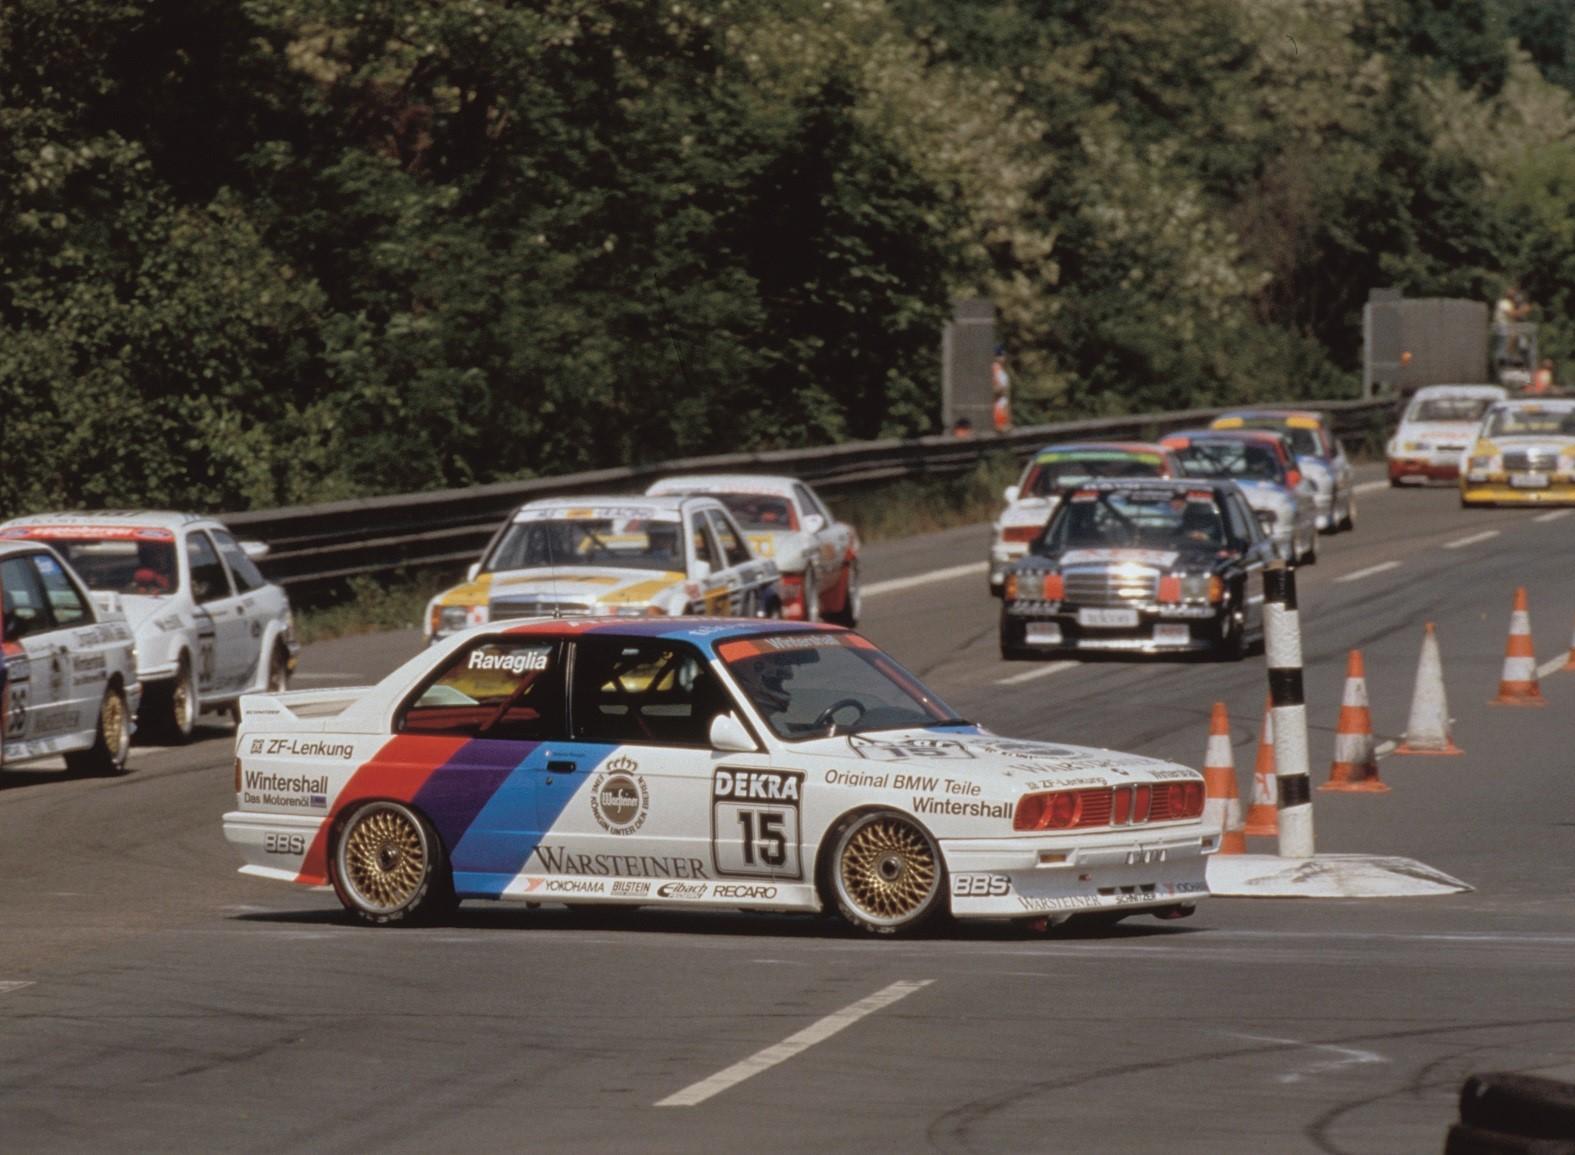 Schnitzer Motorsport şi BMW: retrospectiva unei jumătăţi de secol de istorie comună în motorsport